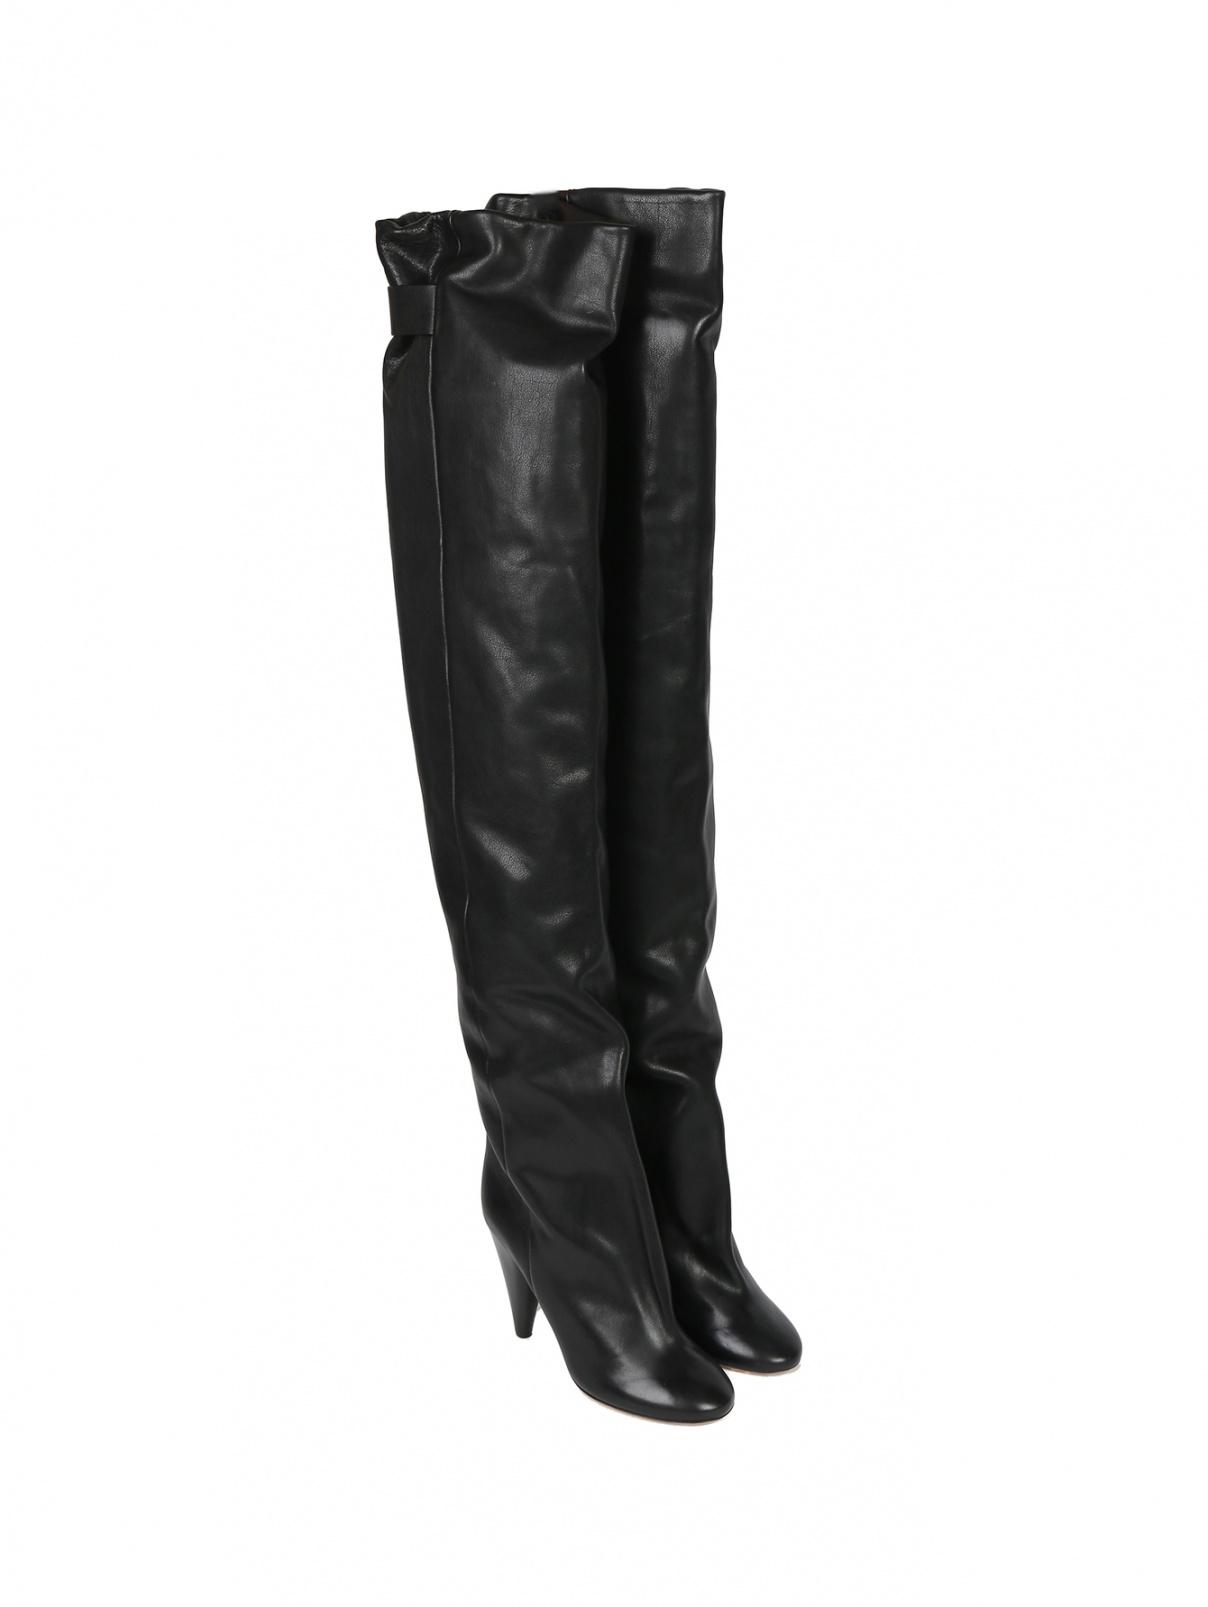 Ботфорты из кожи на высоком каблуке Isabel Marant  –  Общий вид  – Цвет:  Черный